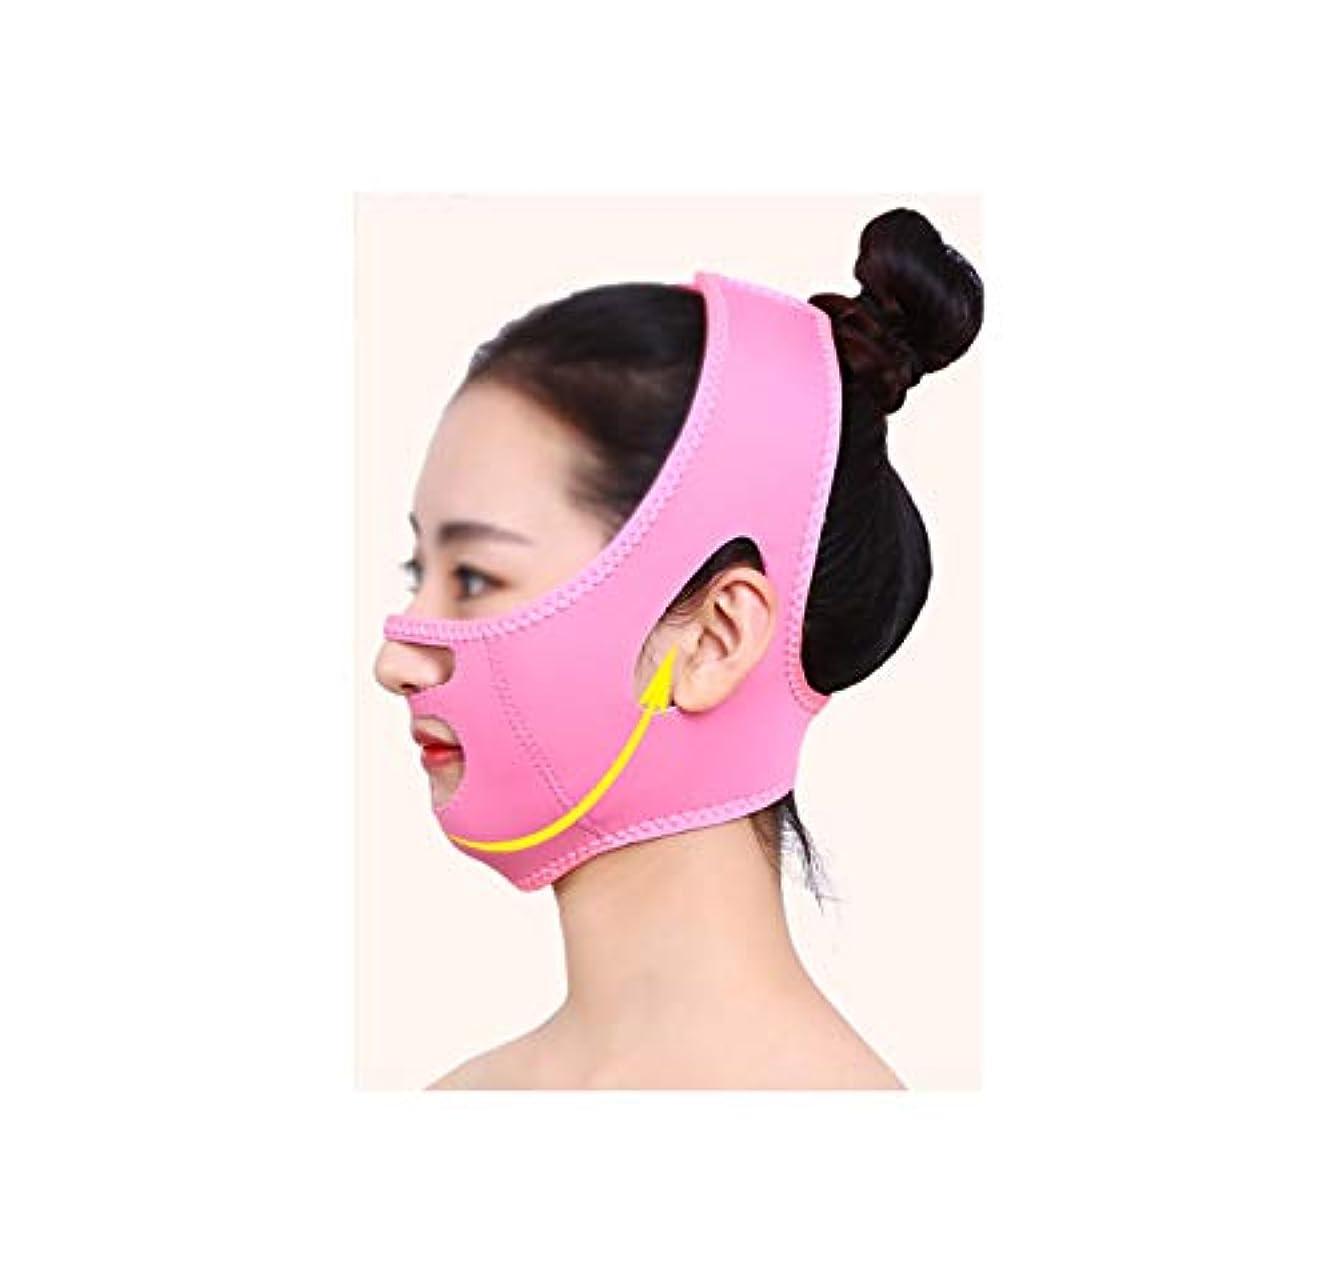 長々と教える買い手TLMY 薄い顔マスクマスク顔機美容機器ローラー顔薄い顔Vフェイスマスク二重あご包帯アーティファクト 顔用整形マスク